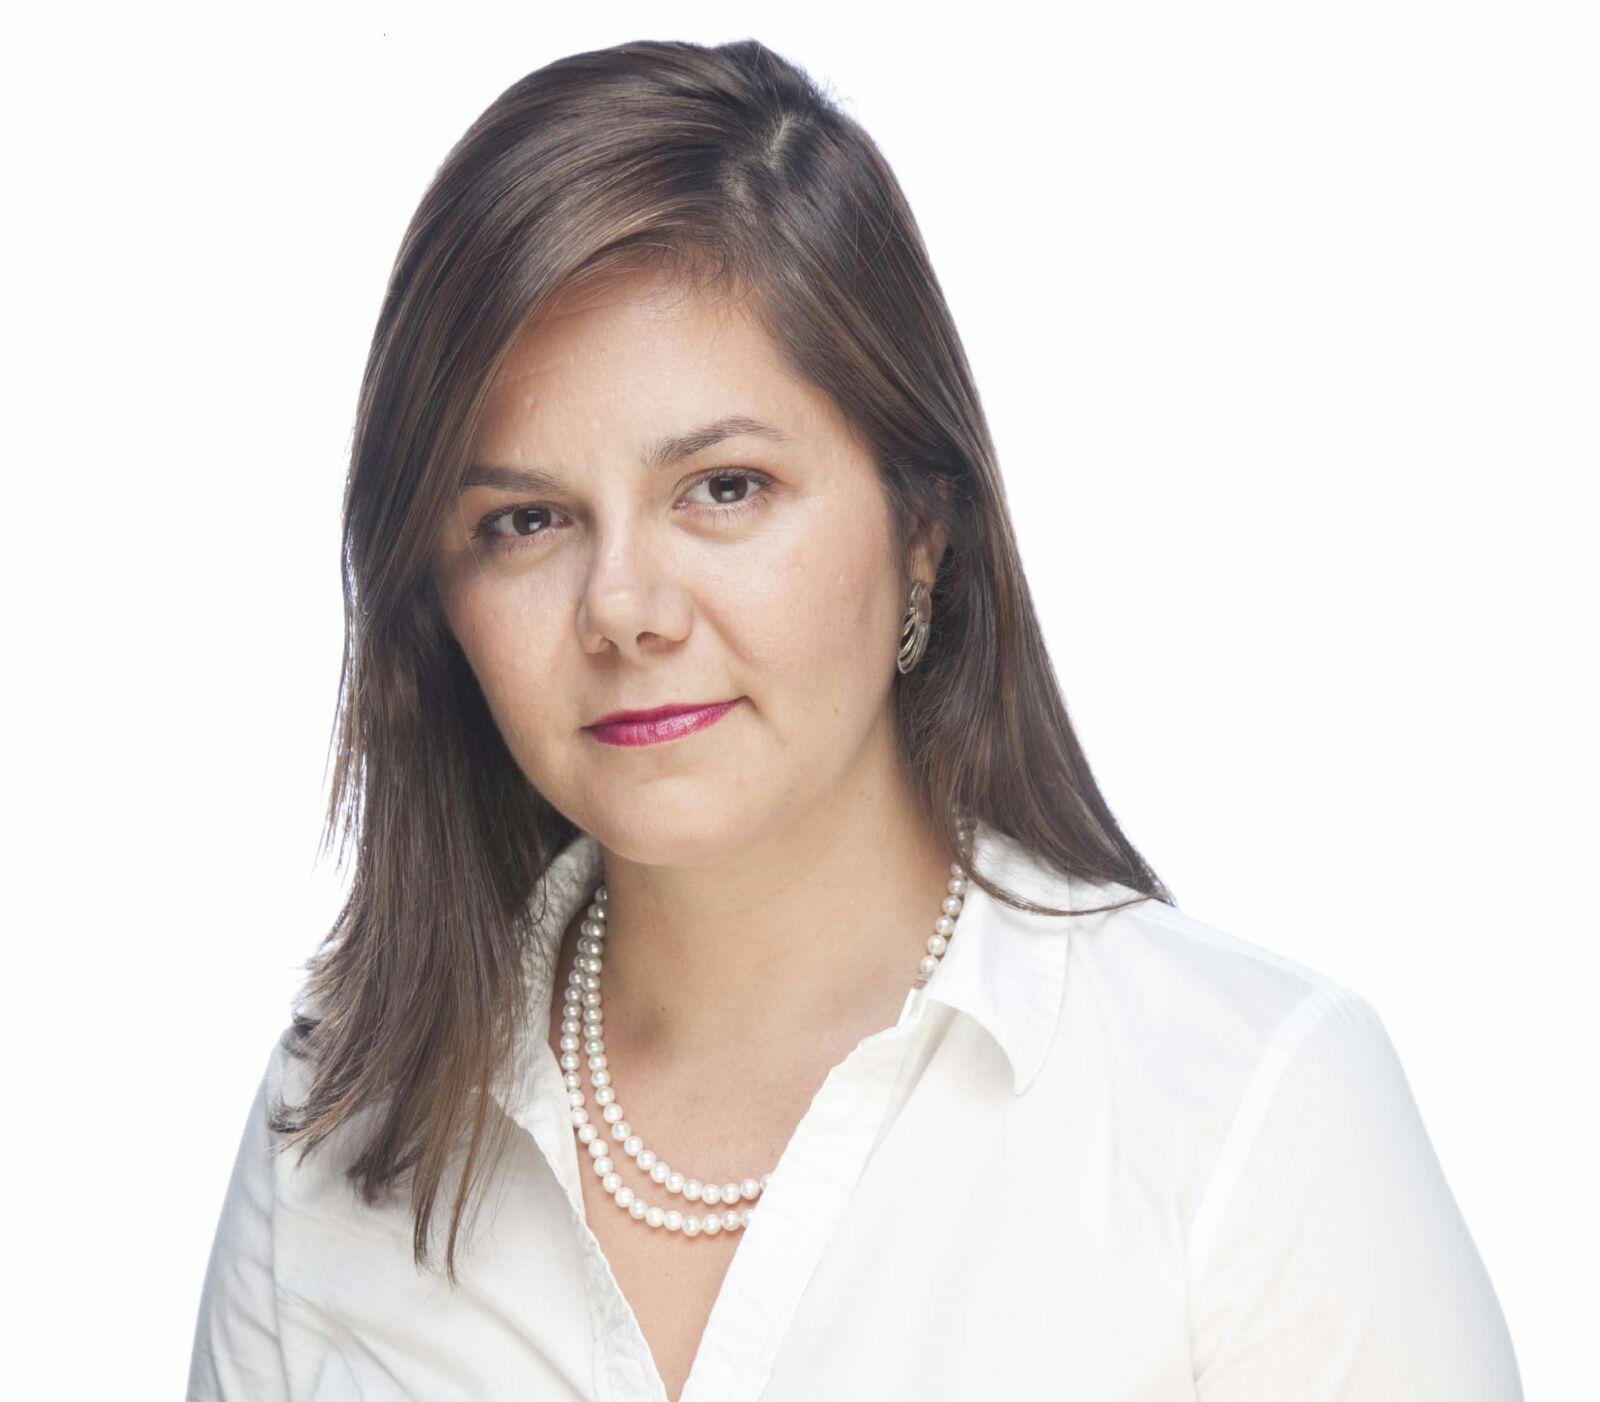 #EnAudio La abogada Paula Ávila reitera que referendo promovido por senadora Liberal Vivian Morales es Inconstitucional